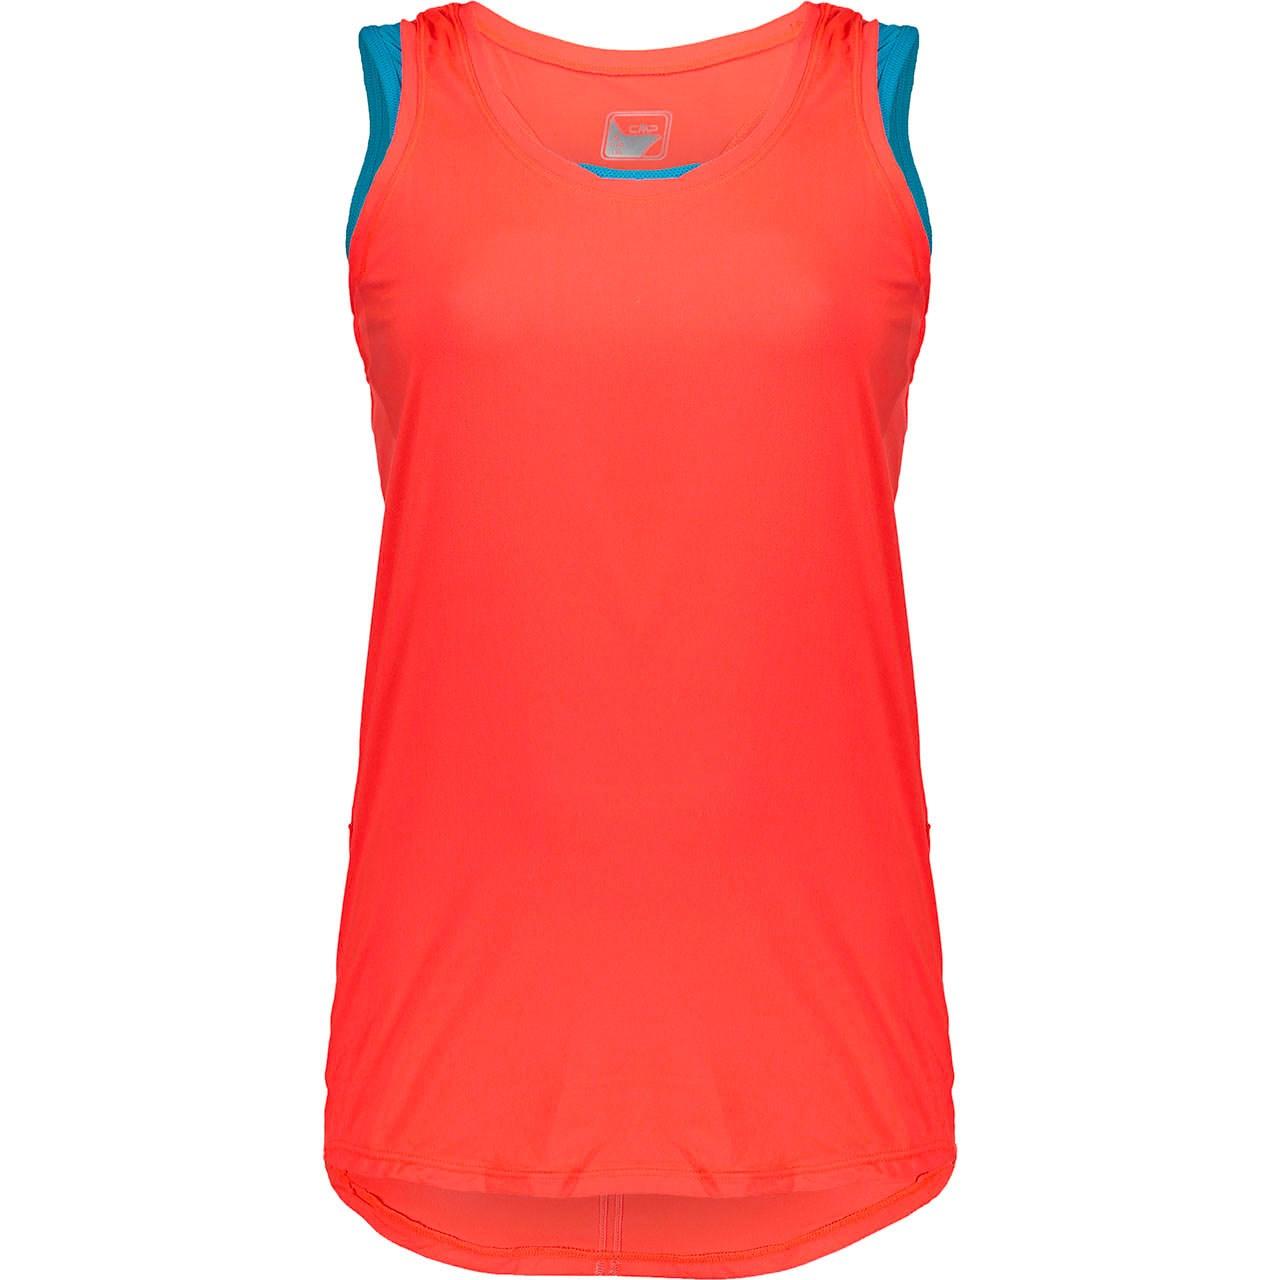 تاپ  ورزشی زنانه سی ام پی مدل 3C79166-B232